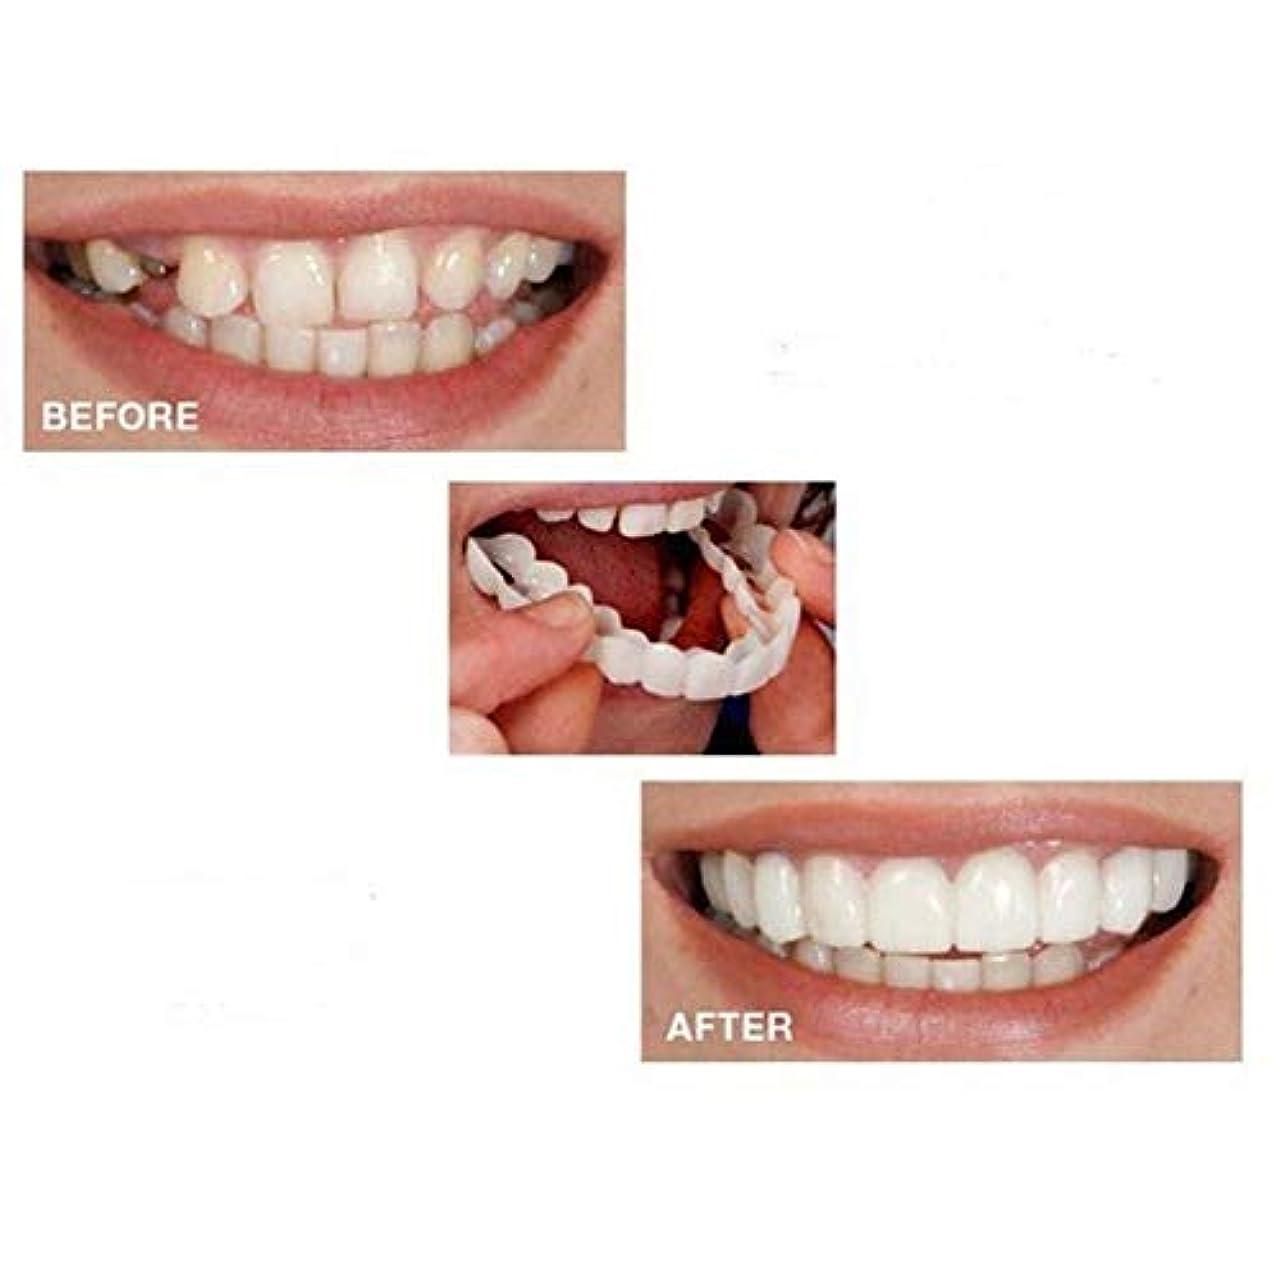 超えてあたたかい著名な歯のベニアの6ペアは即座パーフェクトサスペンダー美白カバリング不規則な、ステンドグラス、行方不明ひび割れた歯にクリップされたスマイル